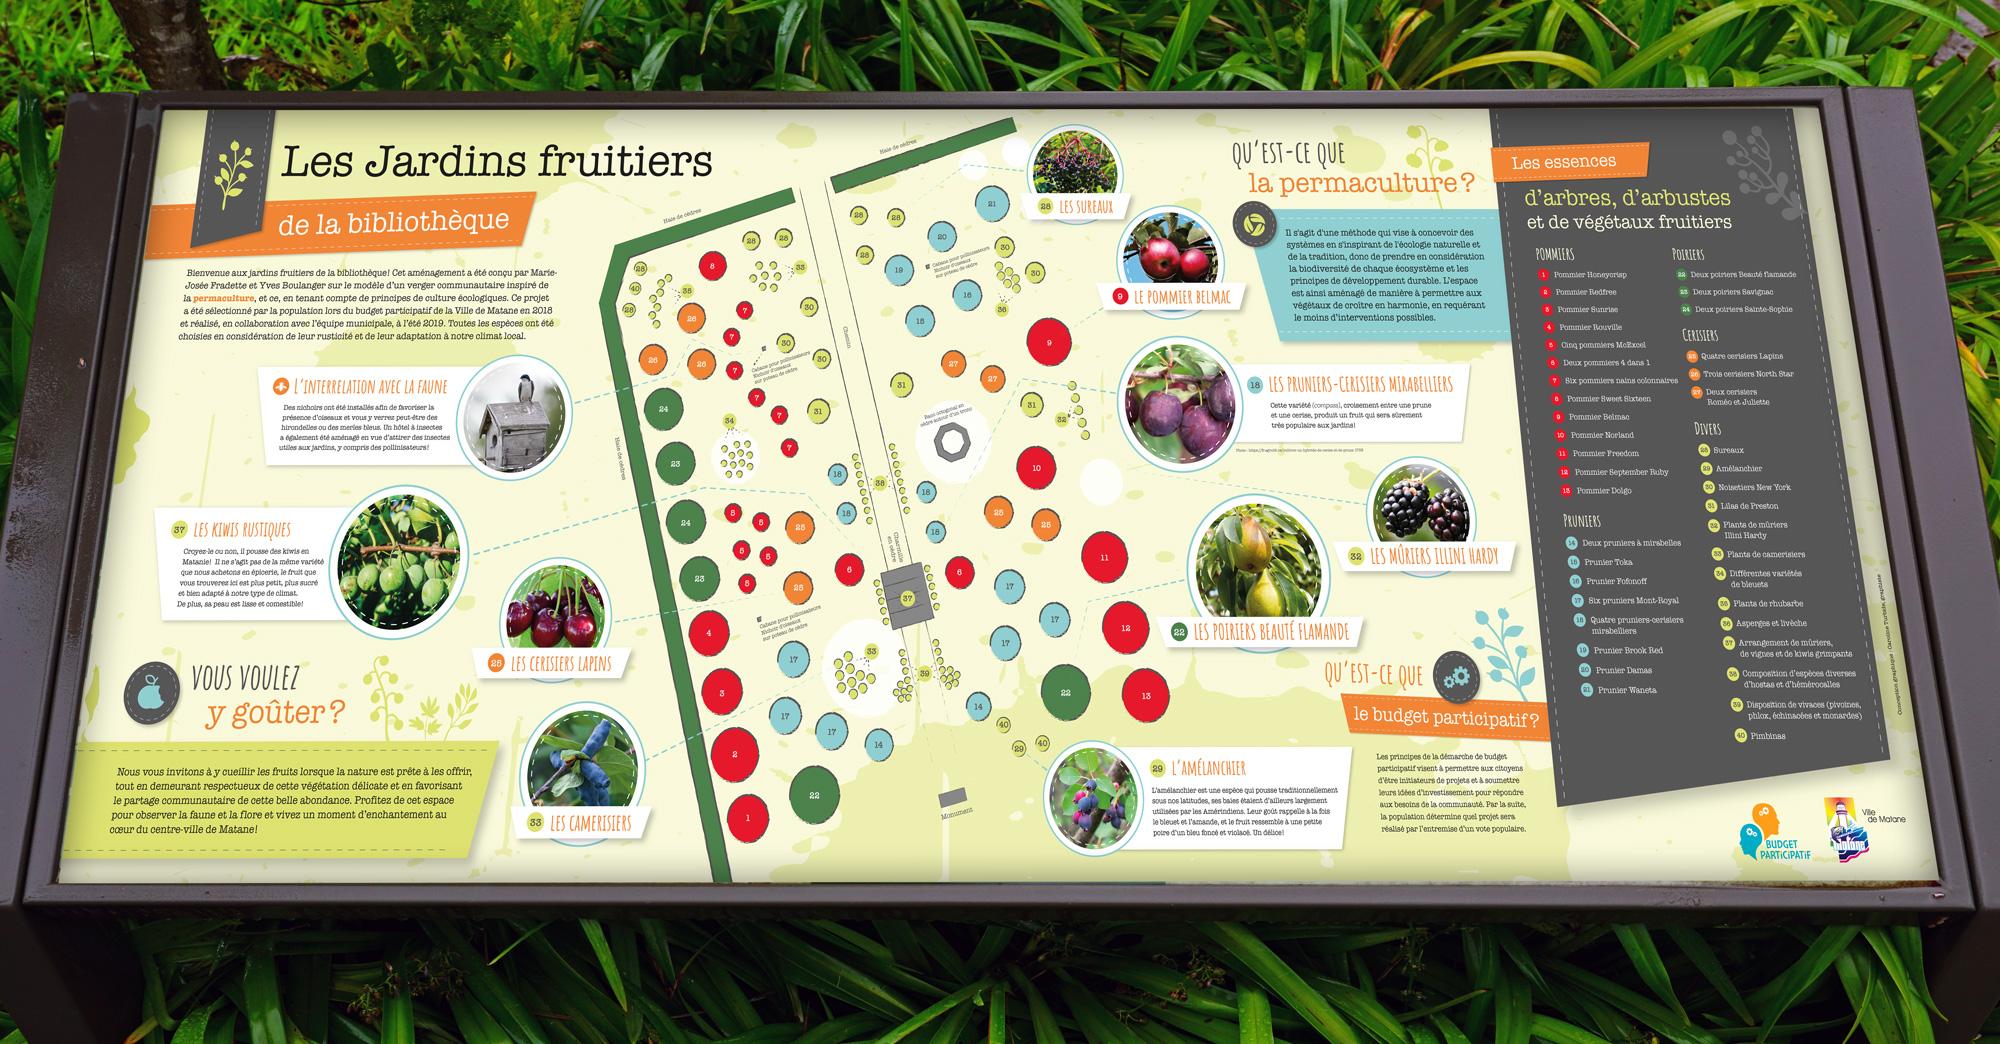 Conception d'une panneau d'information dans un jardin d'arbres fruitiers